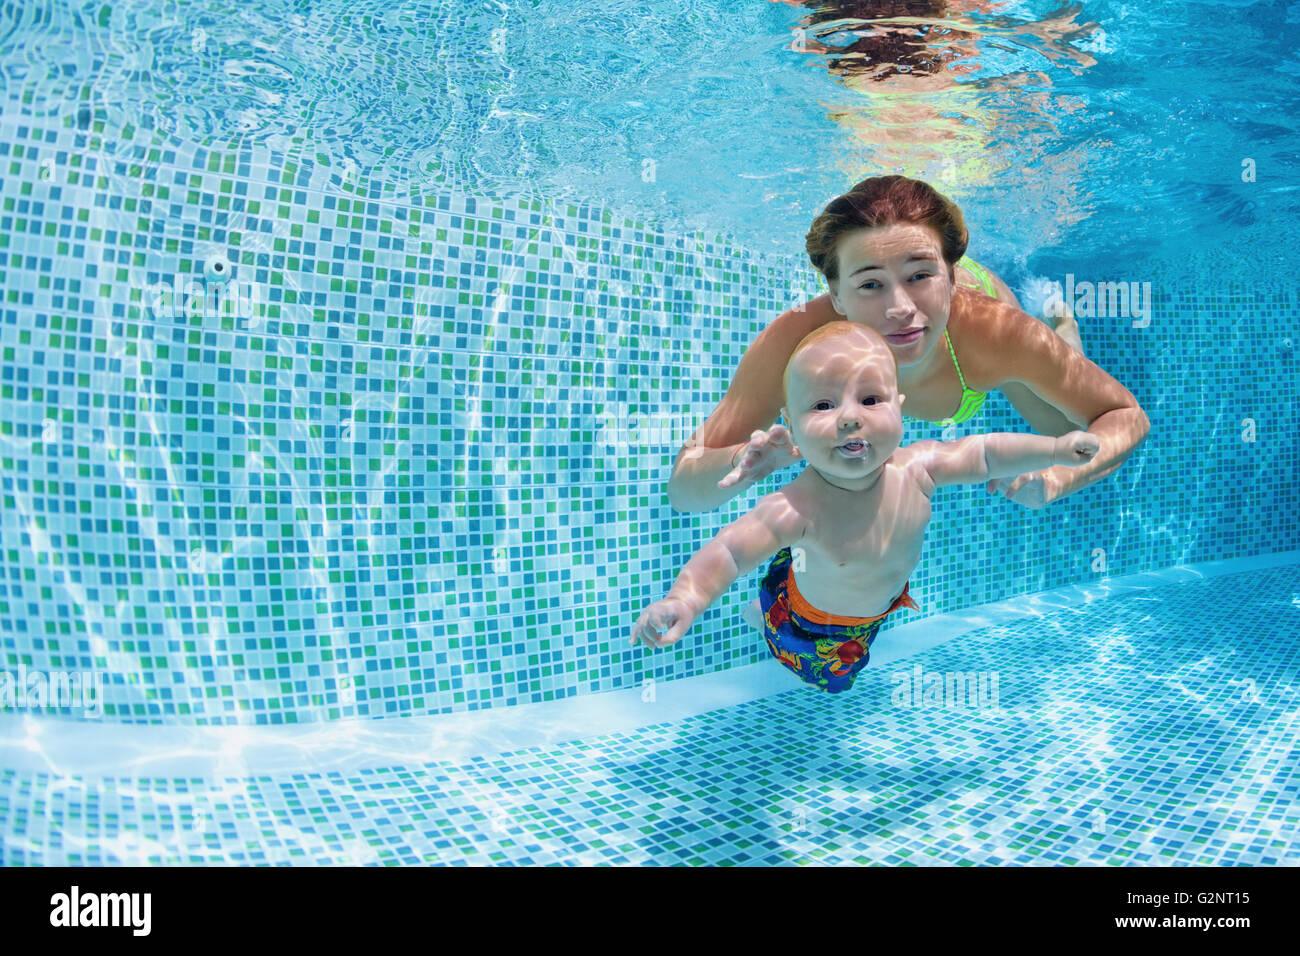 Lección de natación infantil - Bebe con la madre, aprender a nadar, bucear bajo el agua en la piscina. Imagen De Stock